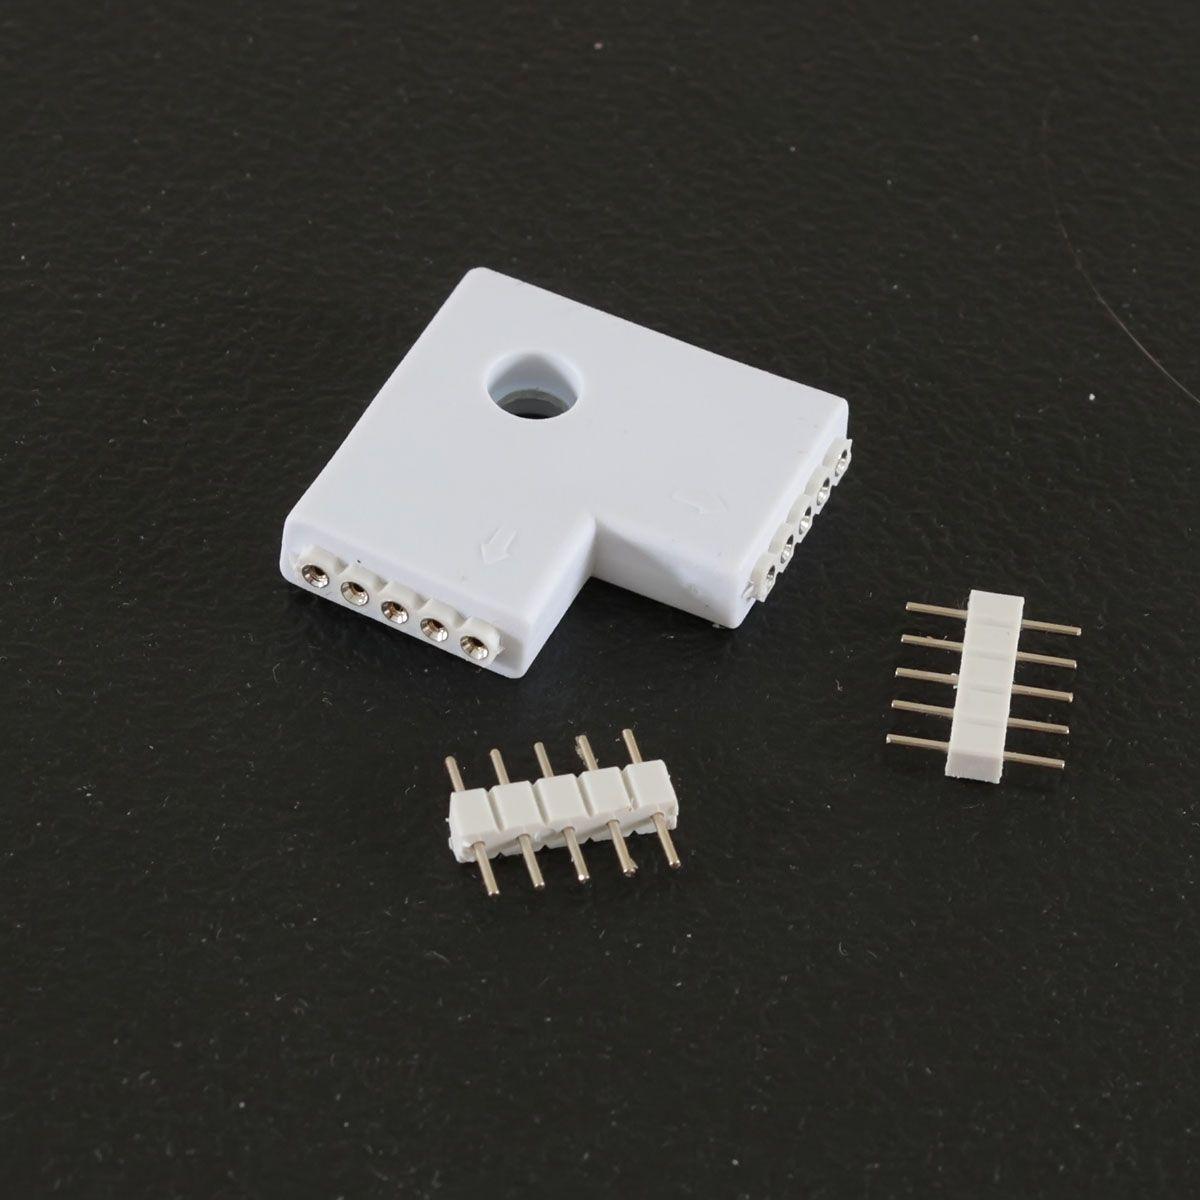 Quick-System 5polig 2.54 – Eckverbinder flach 2x5polig – weiß